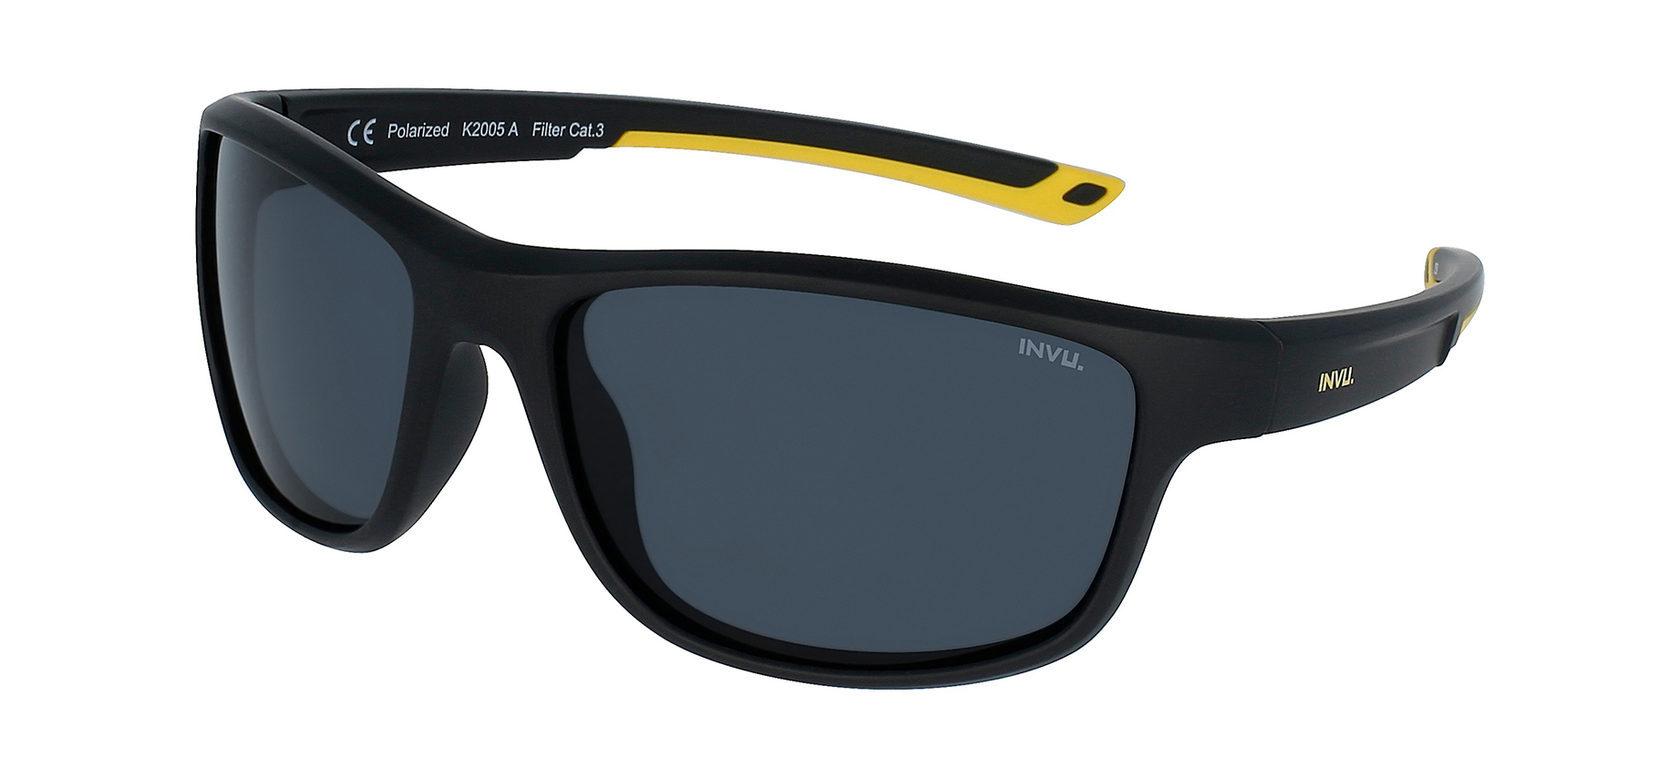 INVU K2005 A